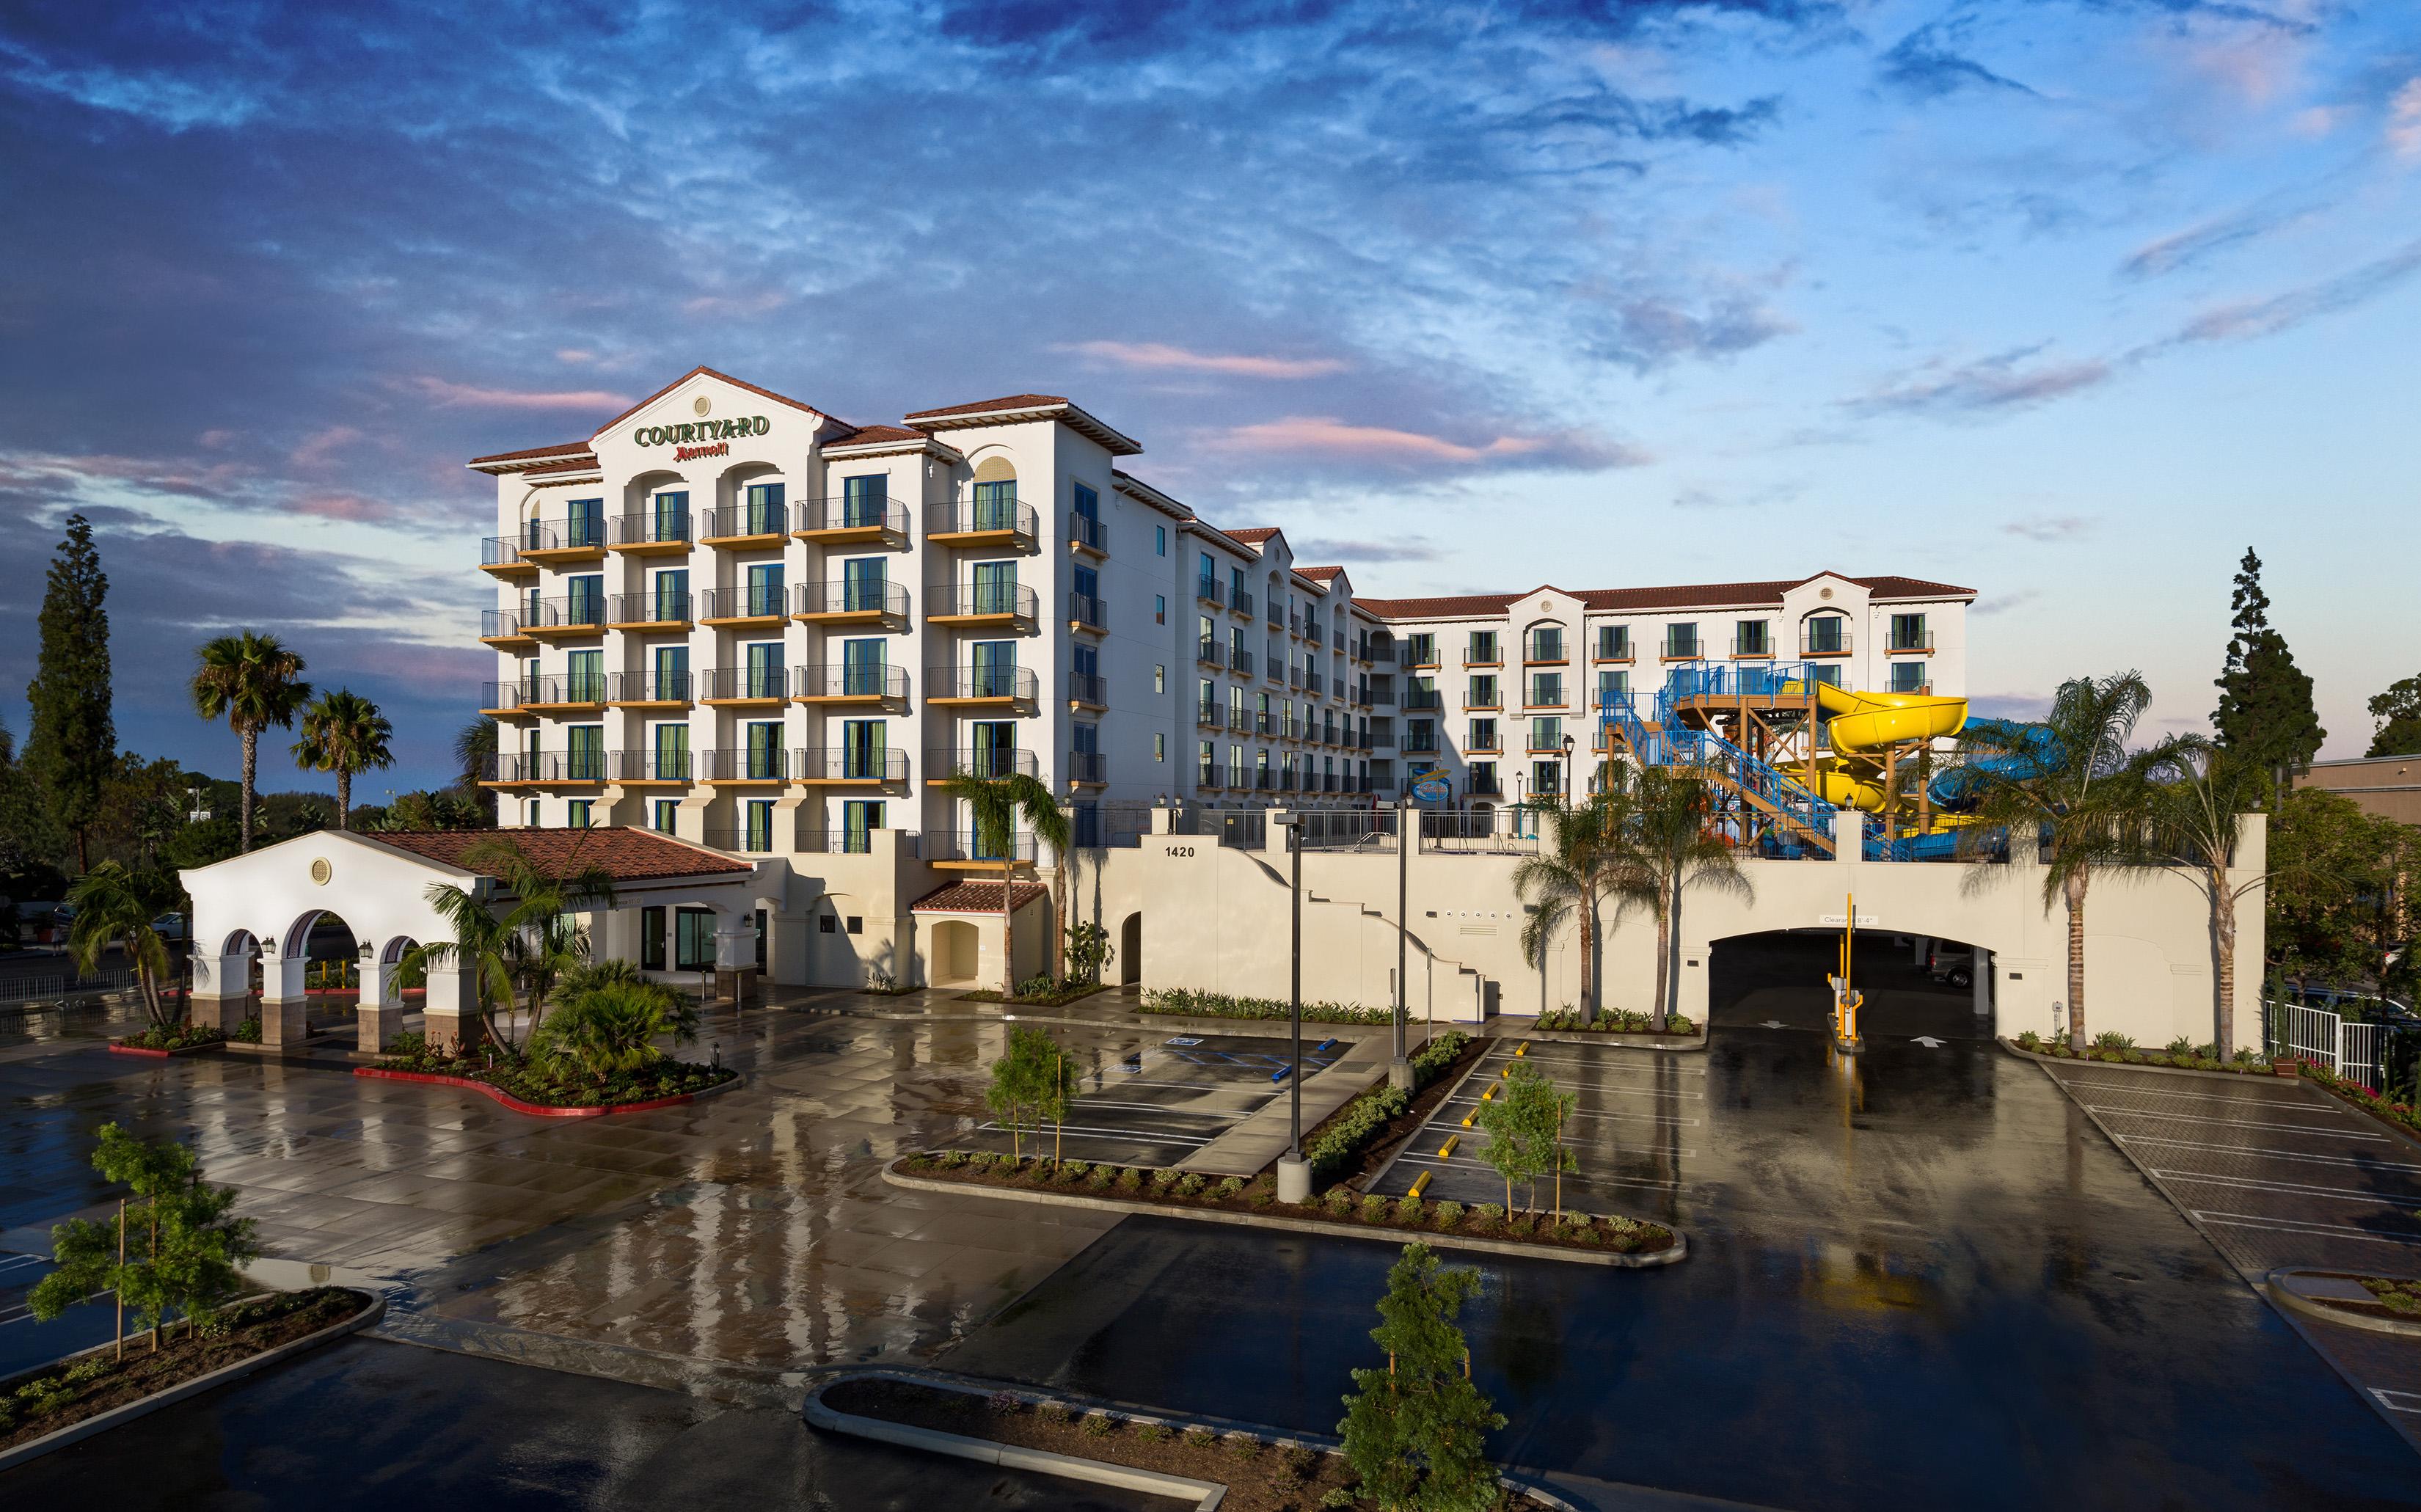 Courtyard Anaheim_exterior